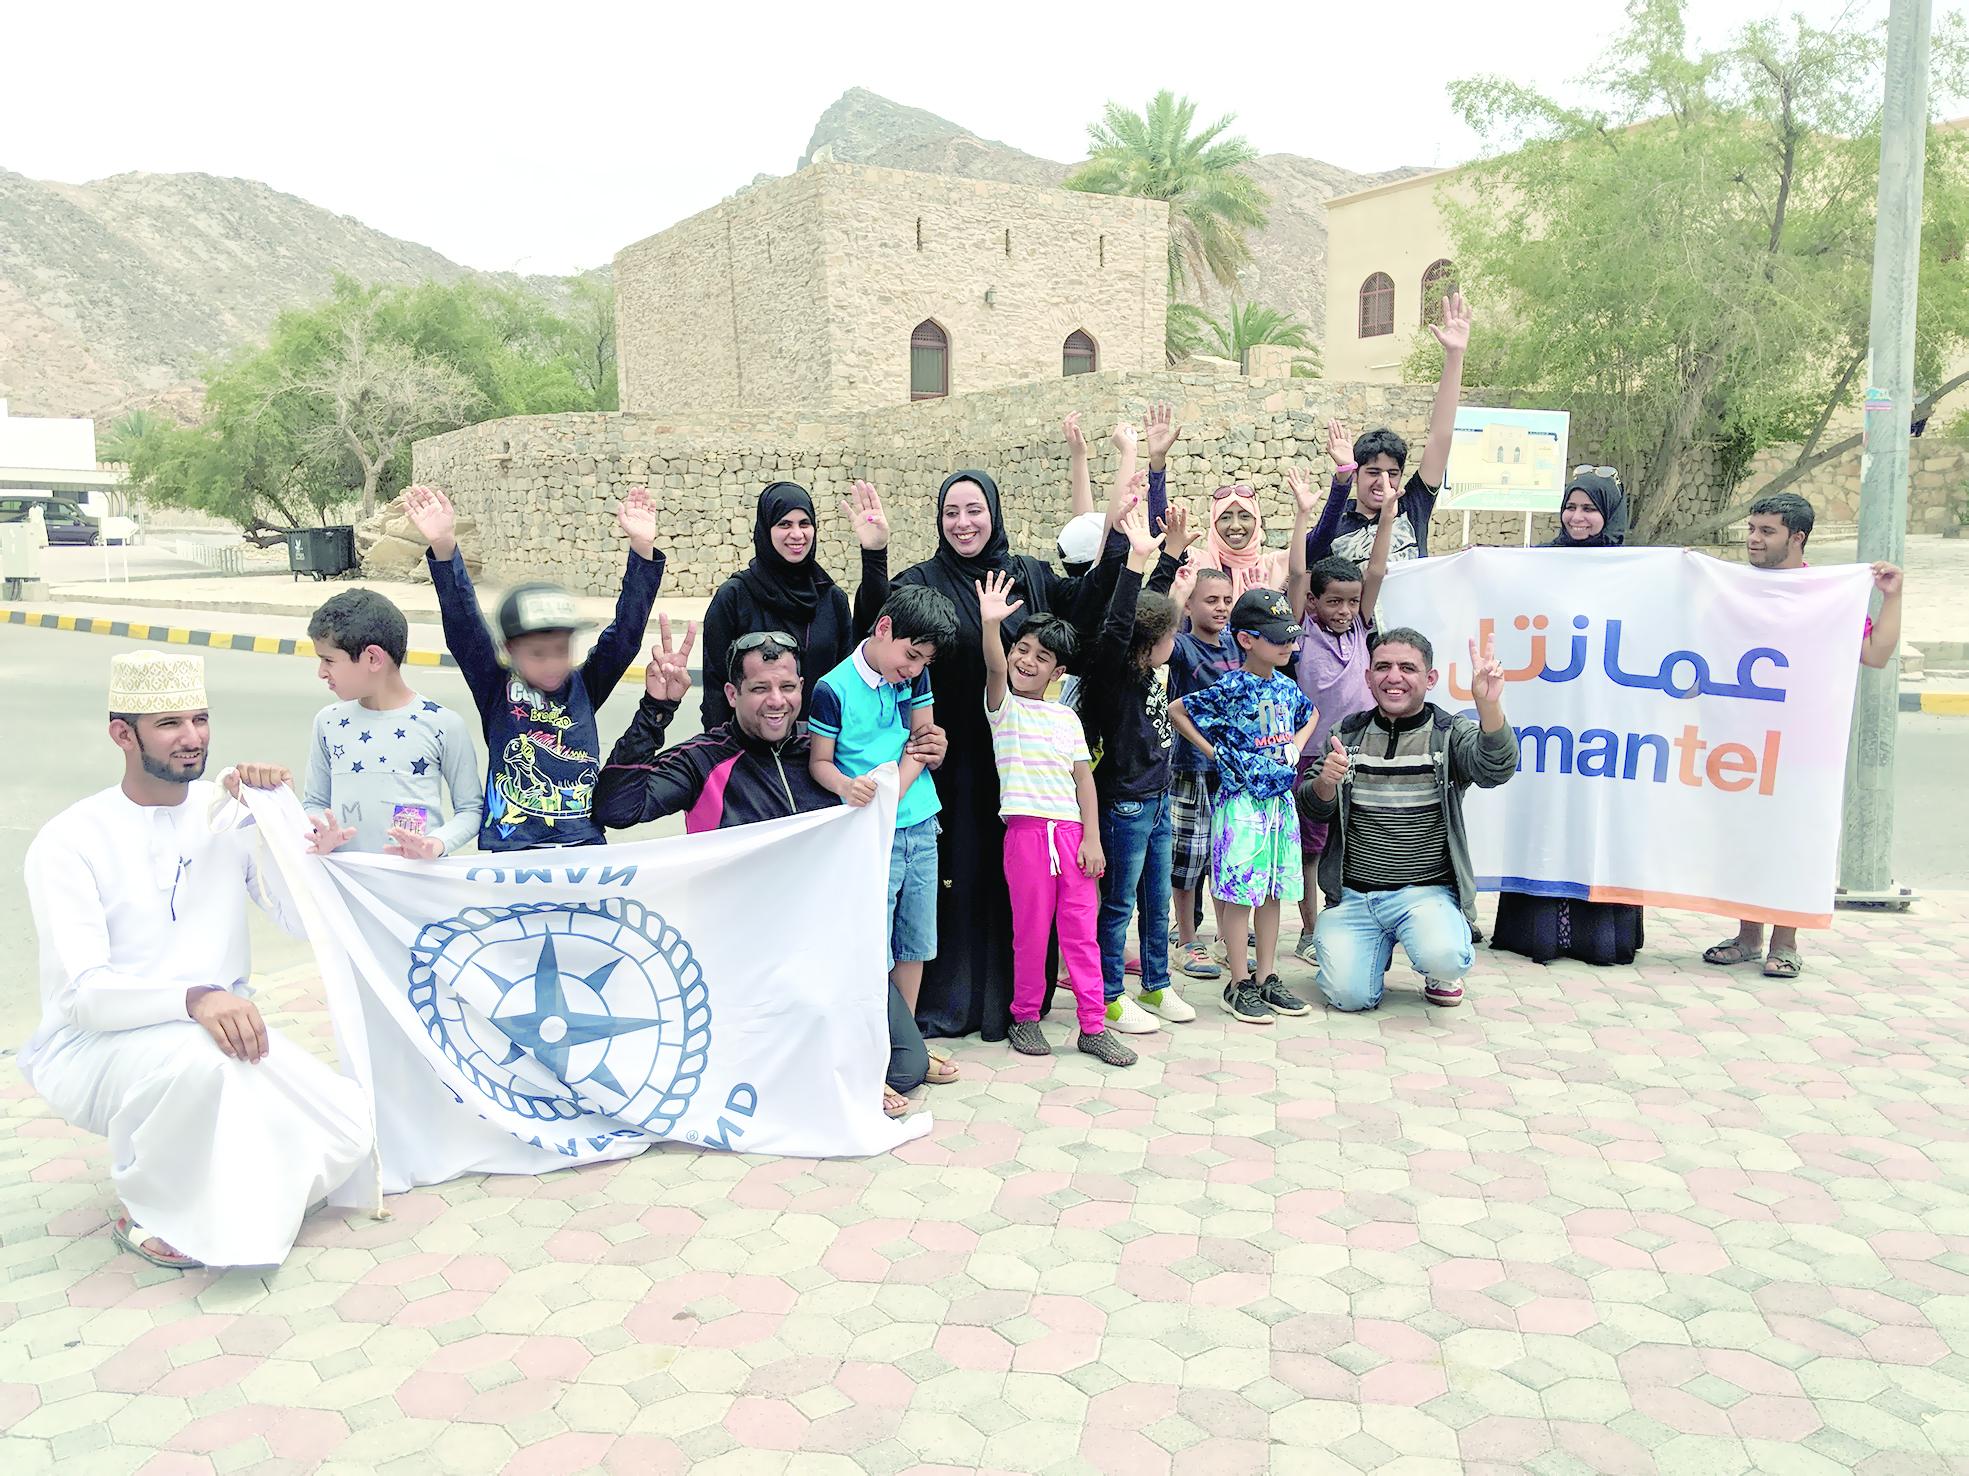 لإشراكهم مع أفراد المجتمع في الأنشطة«عُمانتل» تدعم أنشطة أطفال التوحد في برنامج «تحدي»